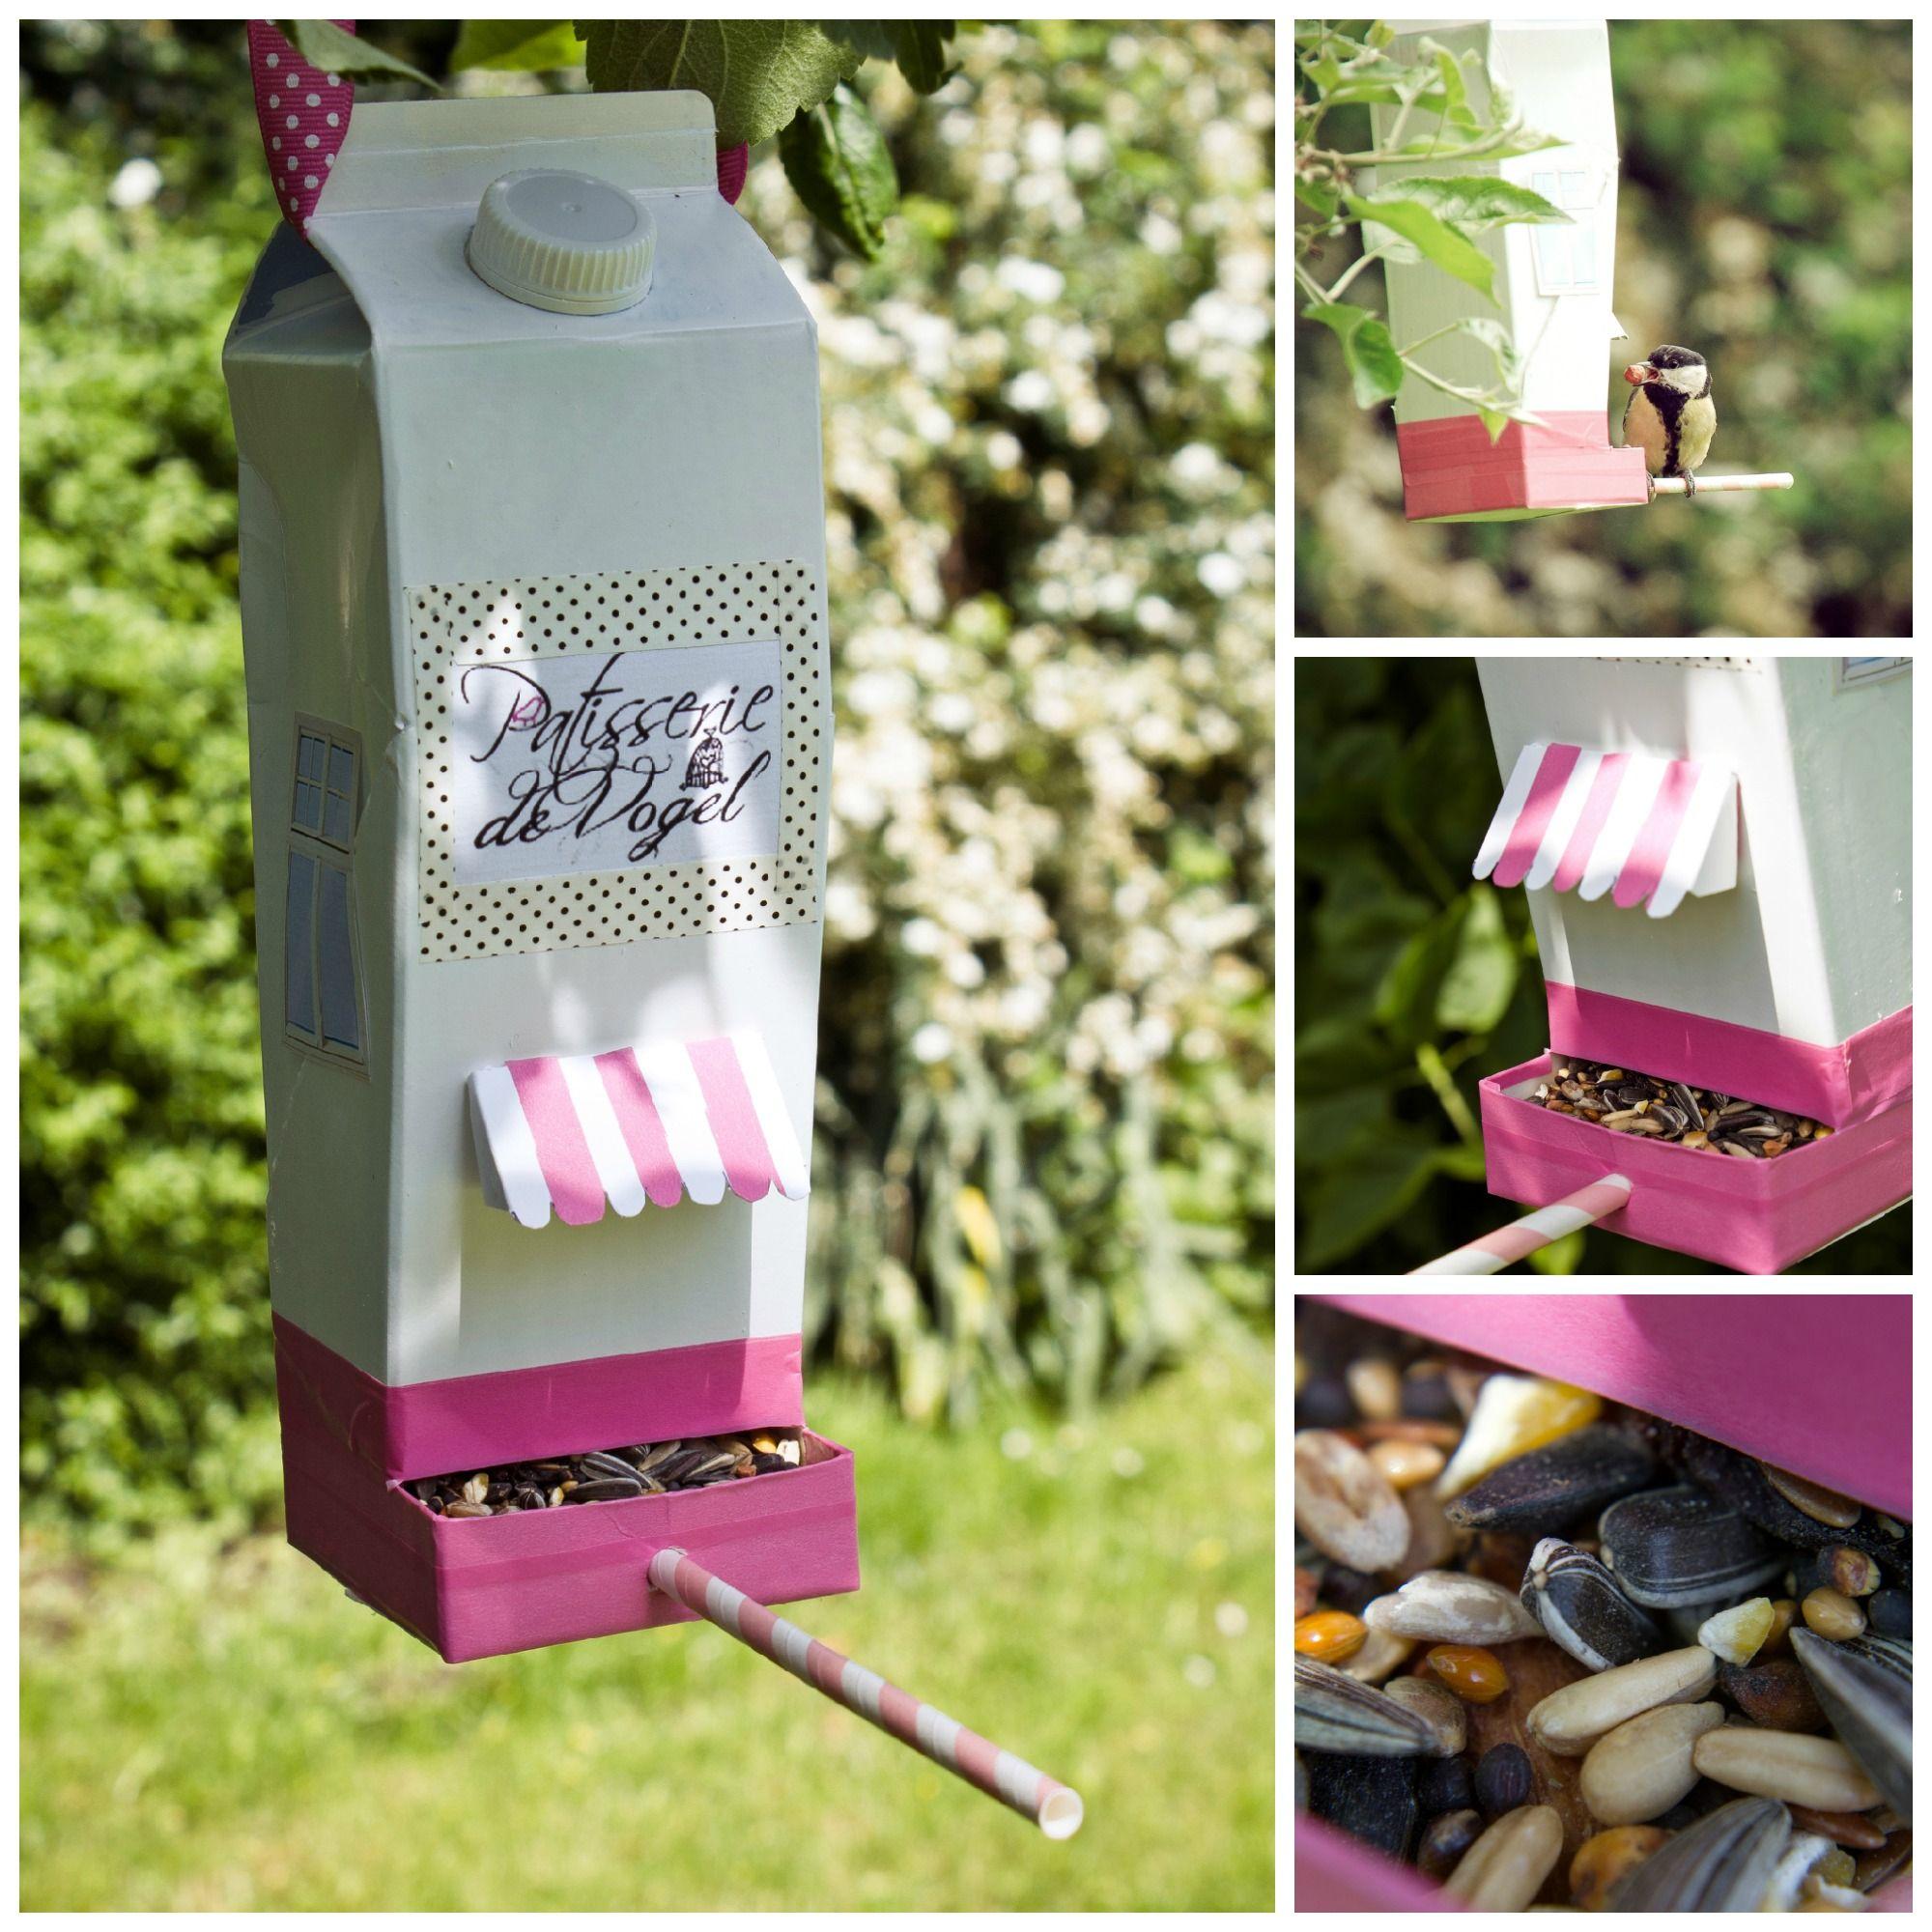 Makeover Diy Vogelhaus Von Lililotta Diy Crafts Pinterest